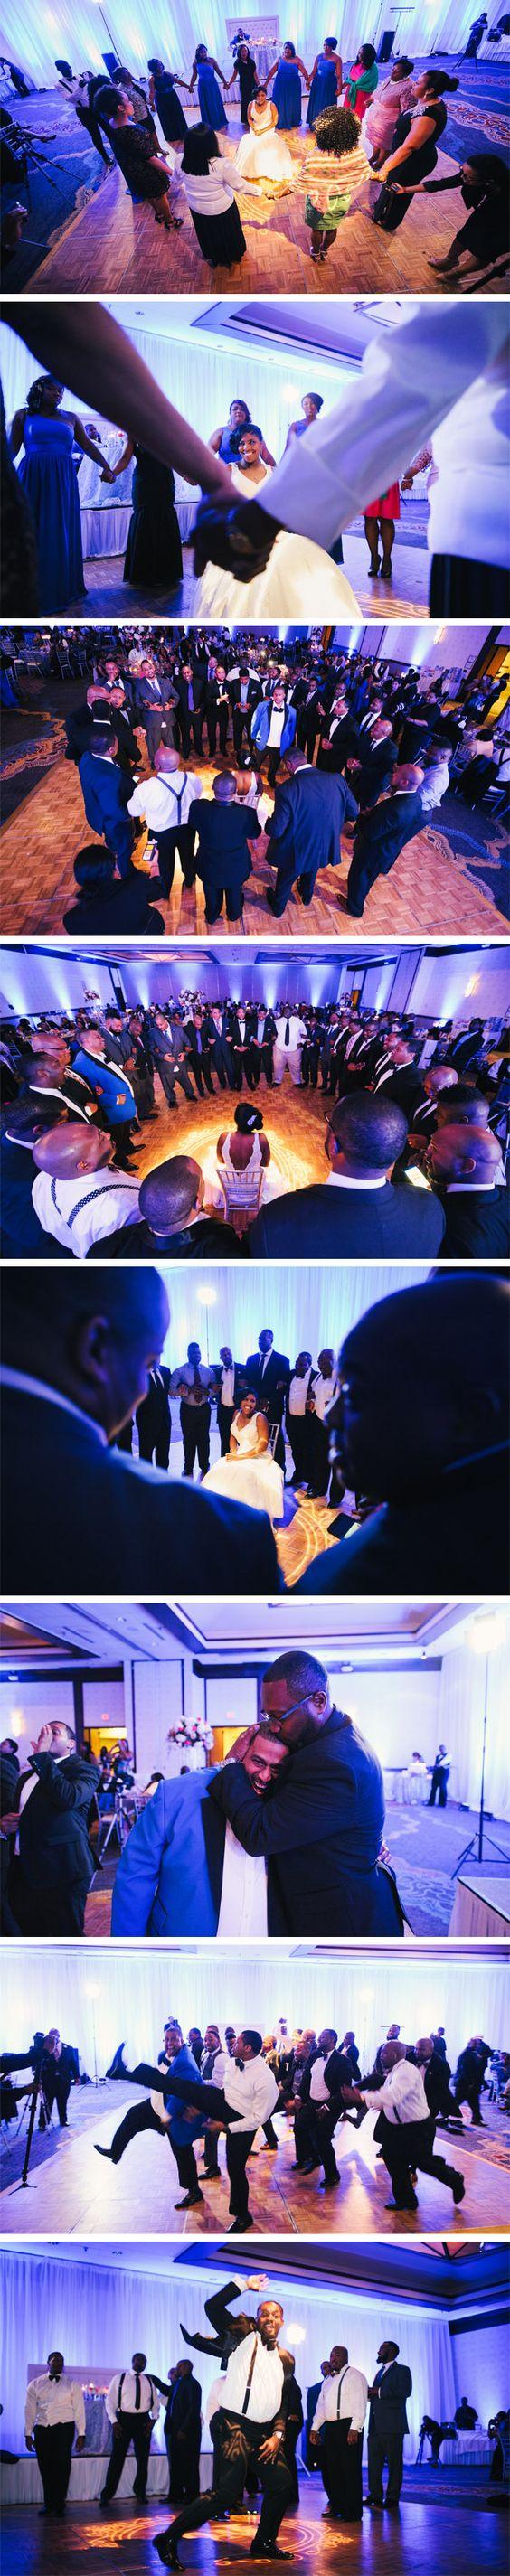 Monique + David | Raleigh, NC Wedding | 2&3 Photography